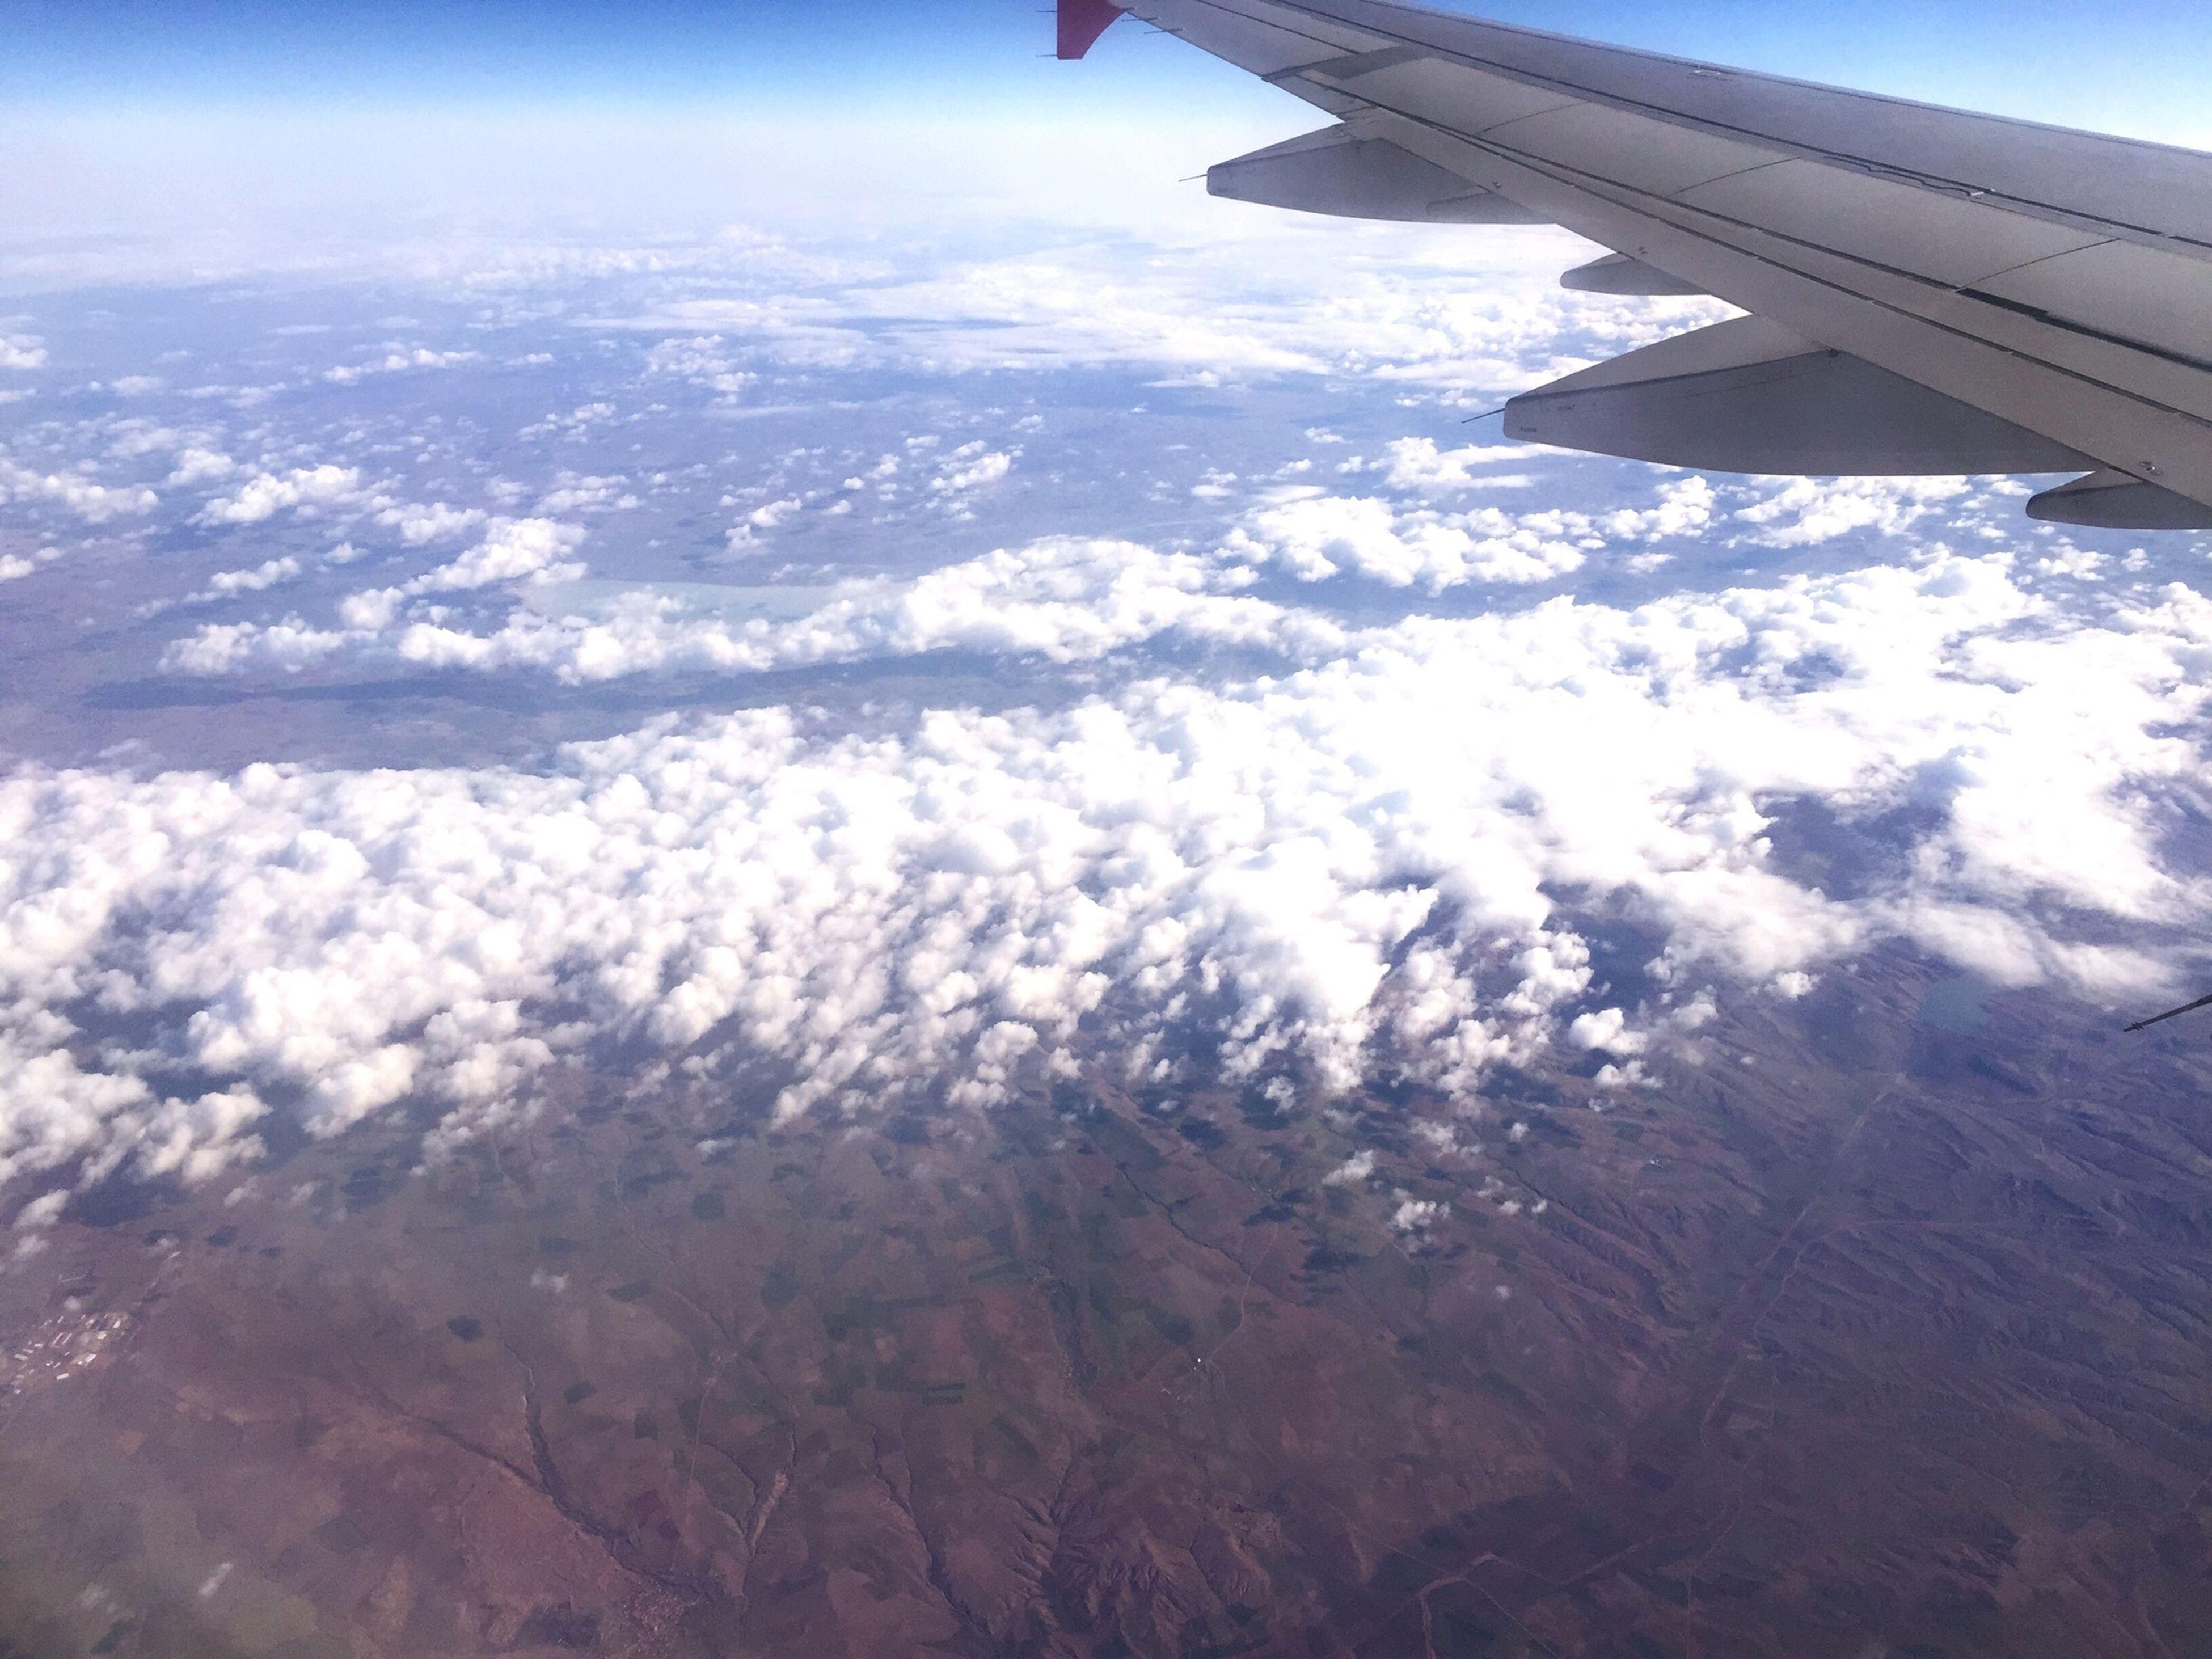 Bulutlar Gökyüzümavi Ucaktanbakis Ucak First Eyeem Photo